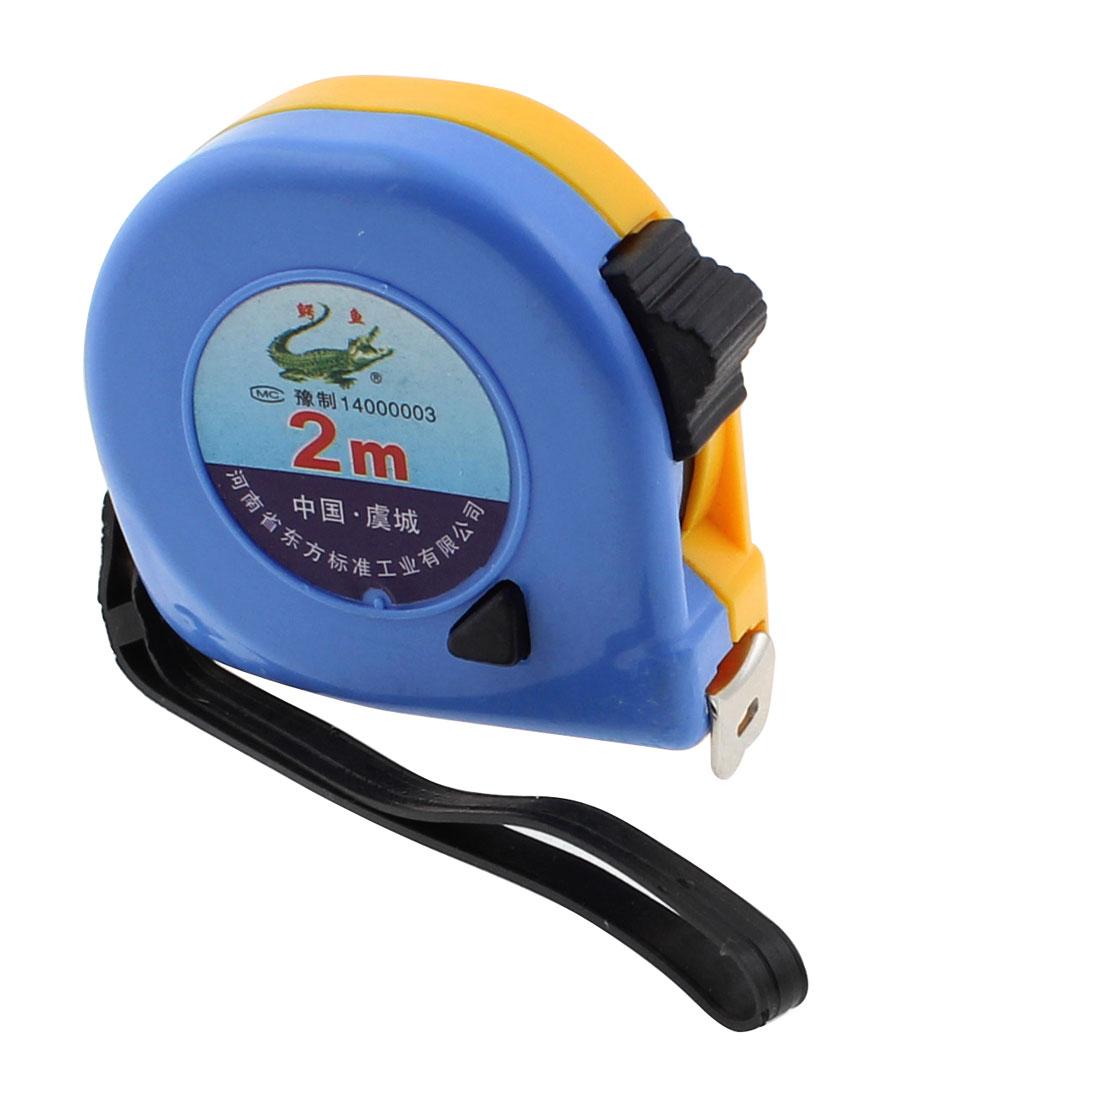 Retractable Measure Tape Ruler Sewing Cloth Metric Measuring Tool 2M